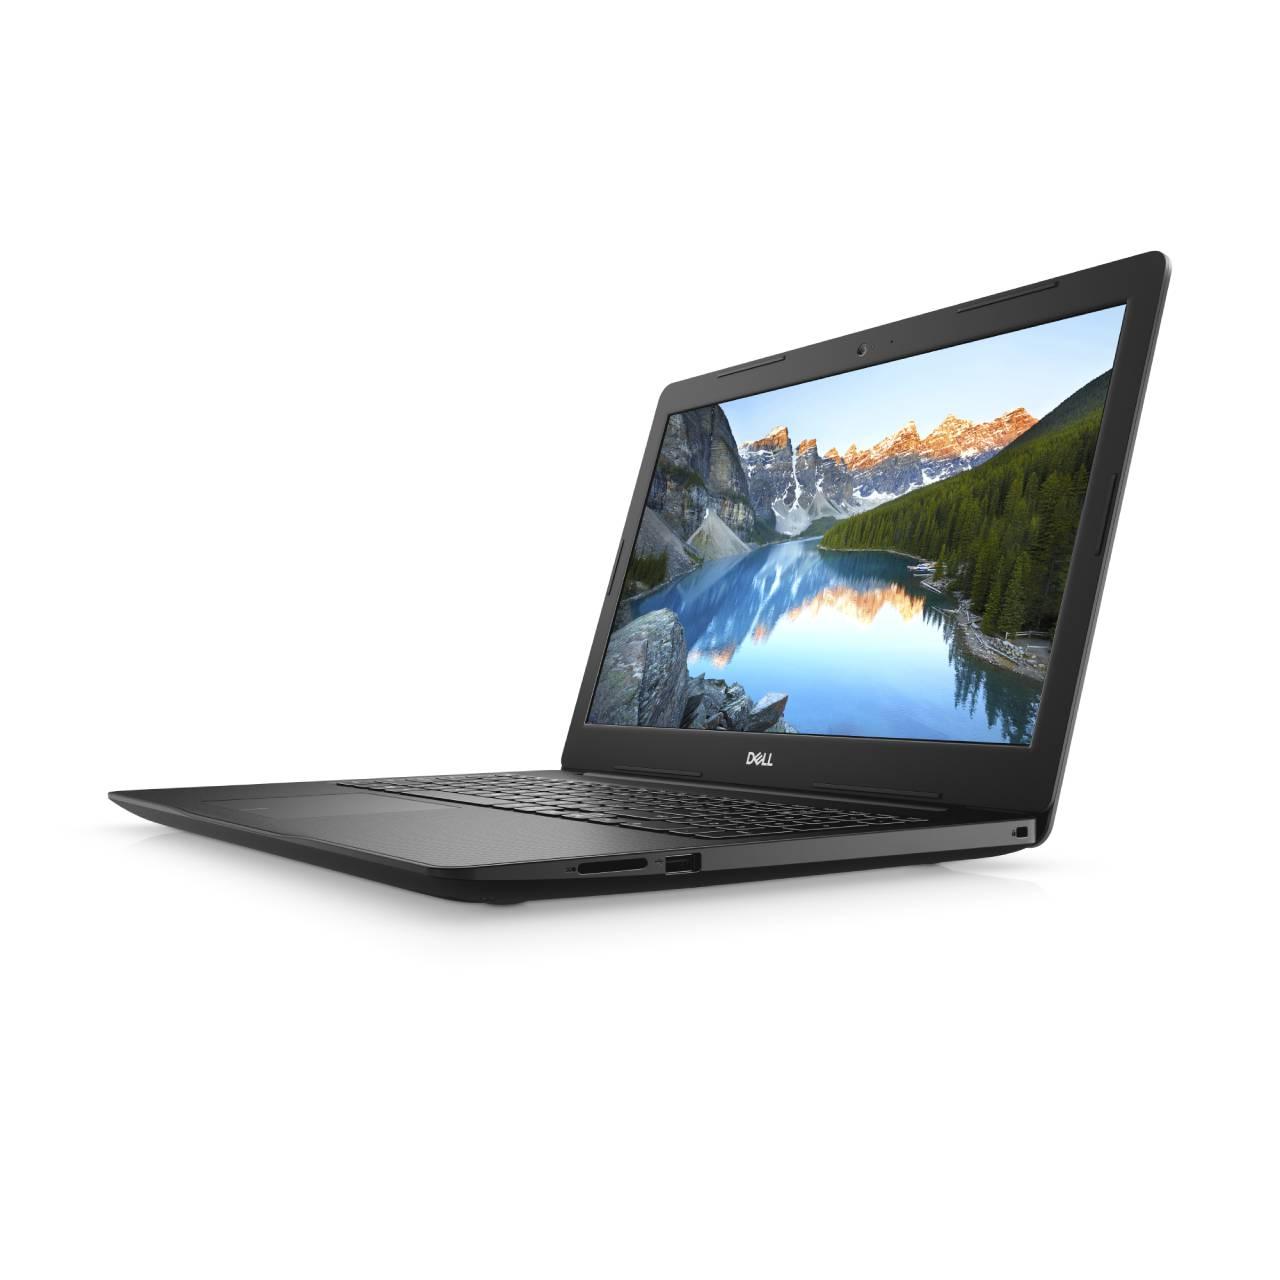 """Dell Inspiron 15 3580 Laptop 15.6"""" Display Intel i7-8565U 256GB SSD 8GB RAM : $519.99 AC + FS"""